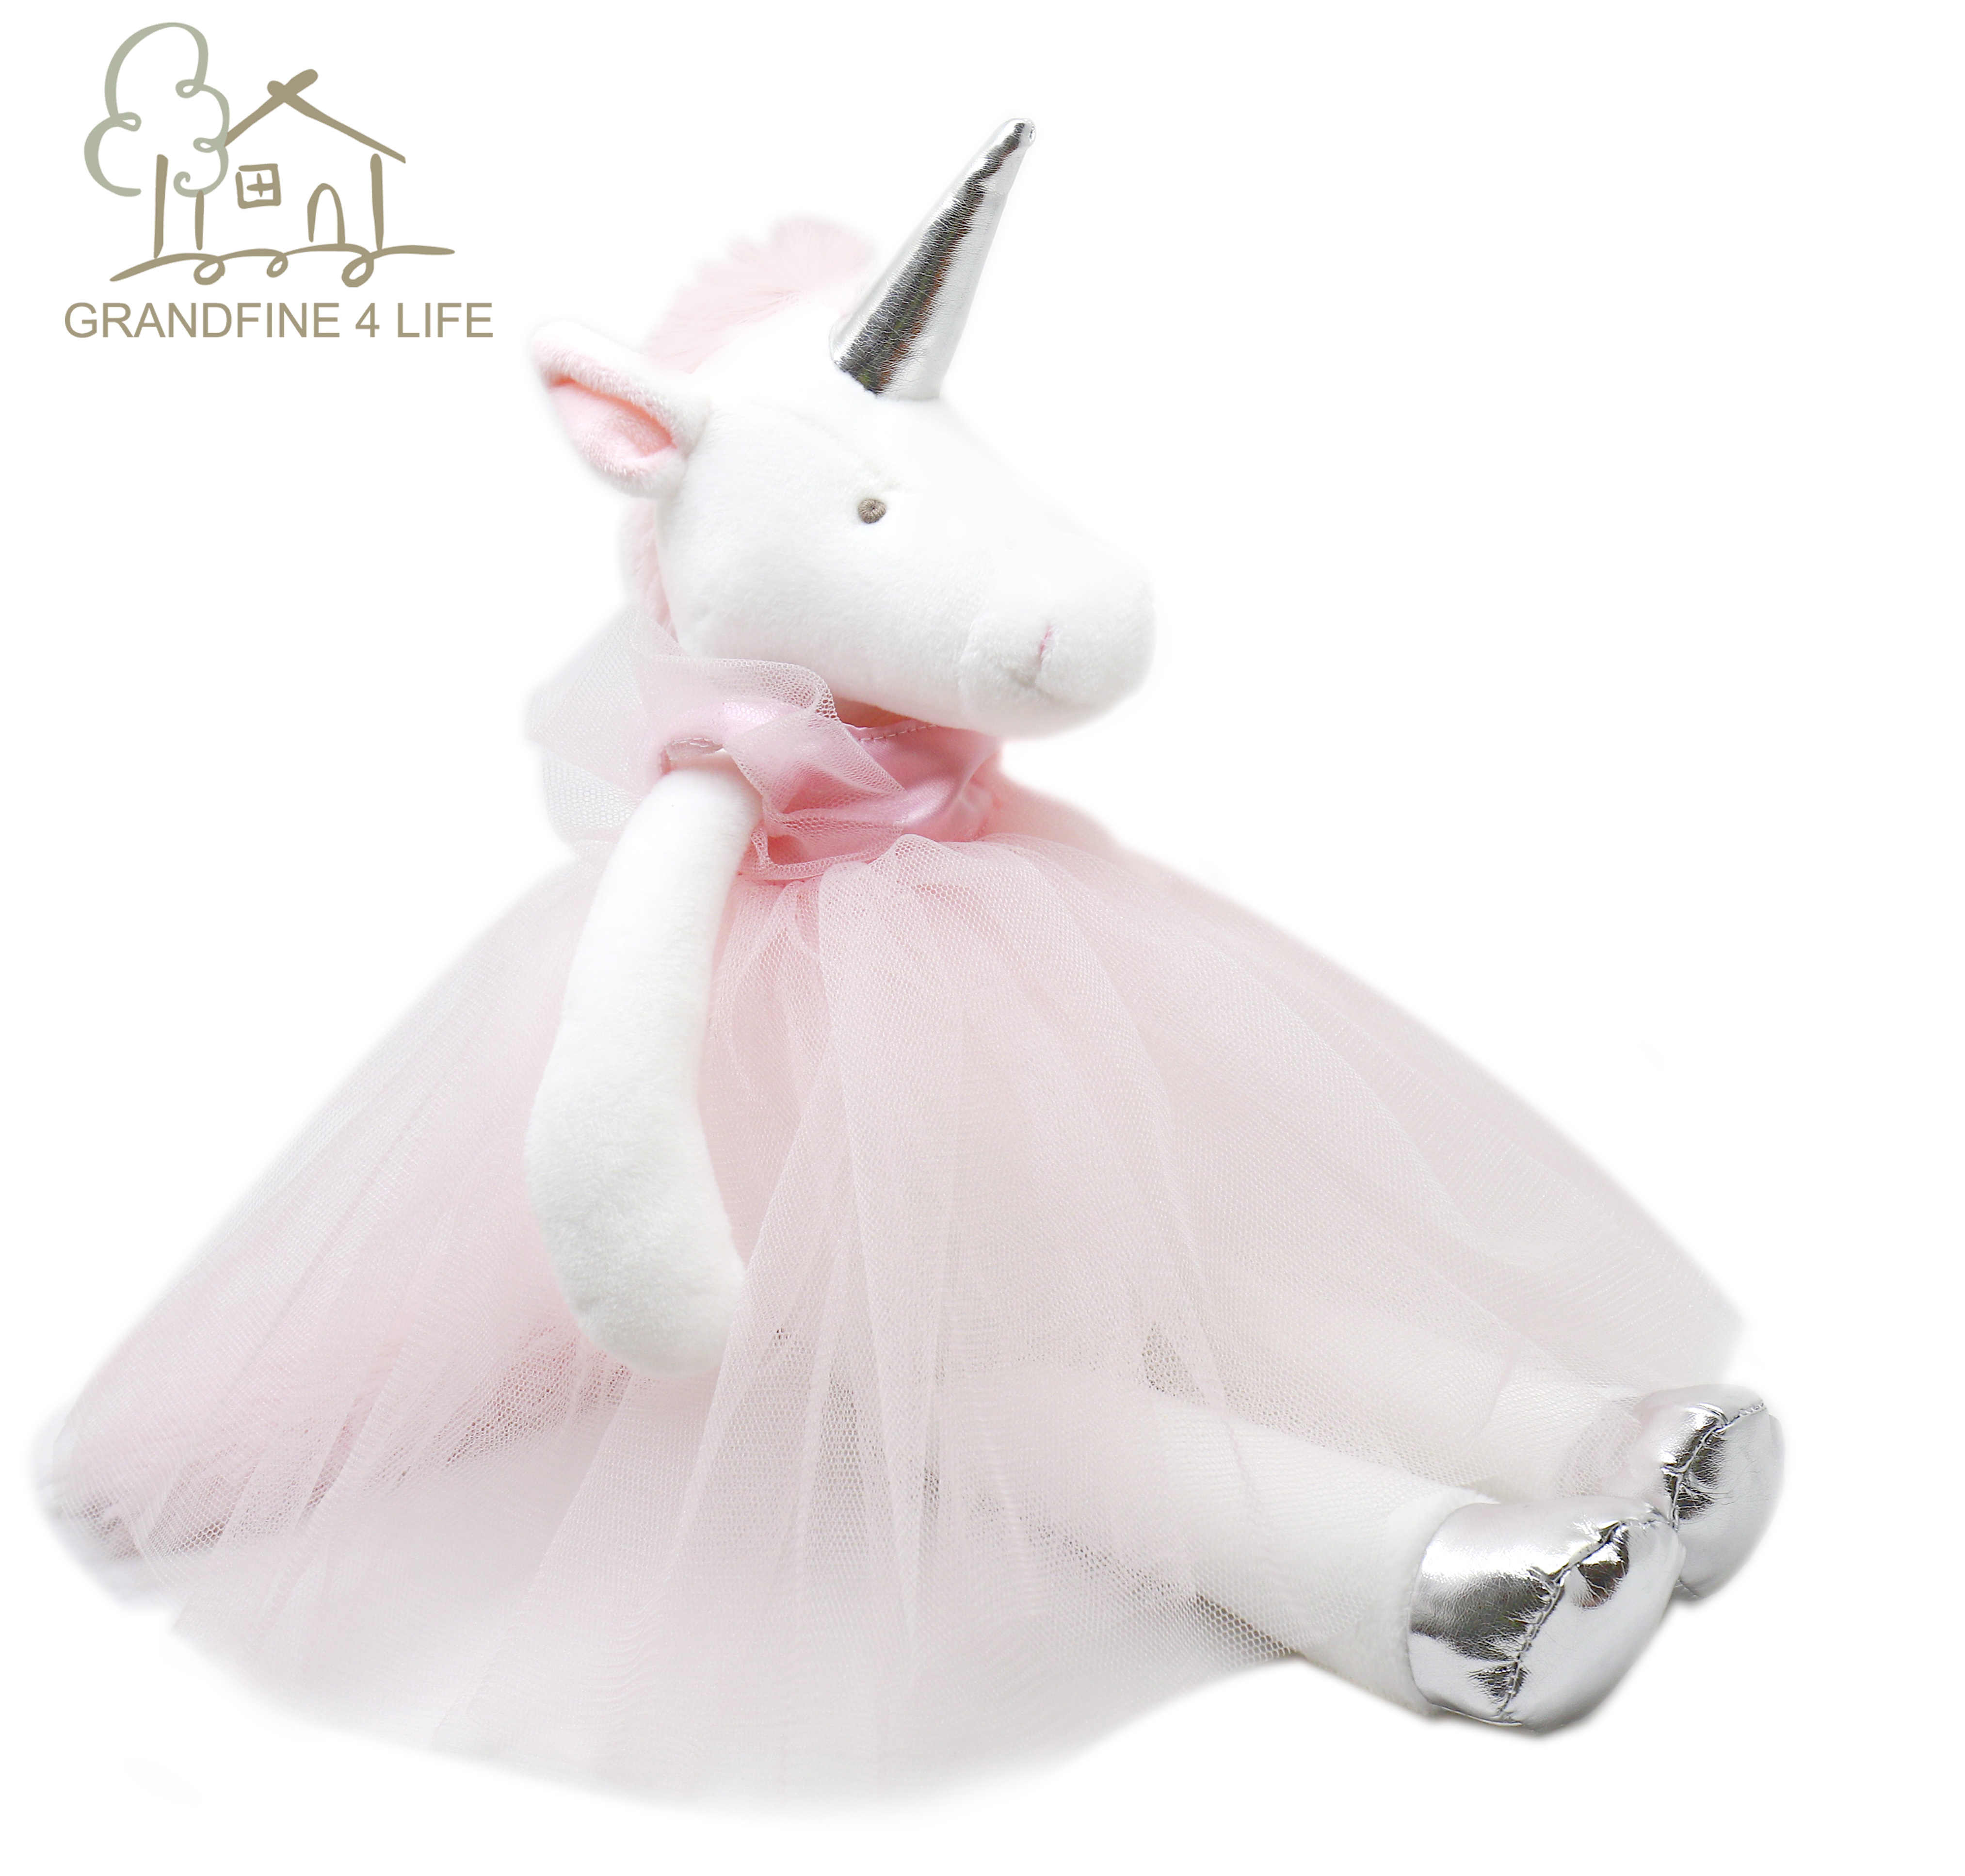 Luksusowe Mogo Ballerina jednorożec pluszowe wypełnione lalki z odpinaną Tutu sukienka dzień dziecka prezent różowa księżniczka jednorożec dziewczyna lalka